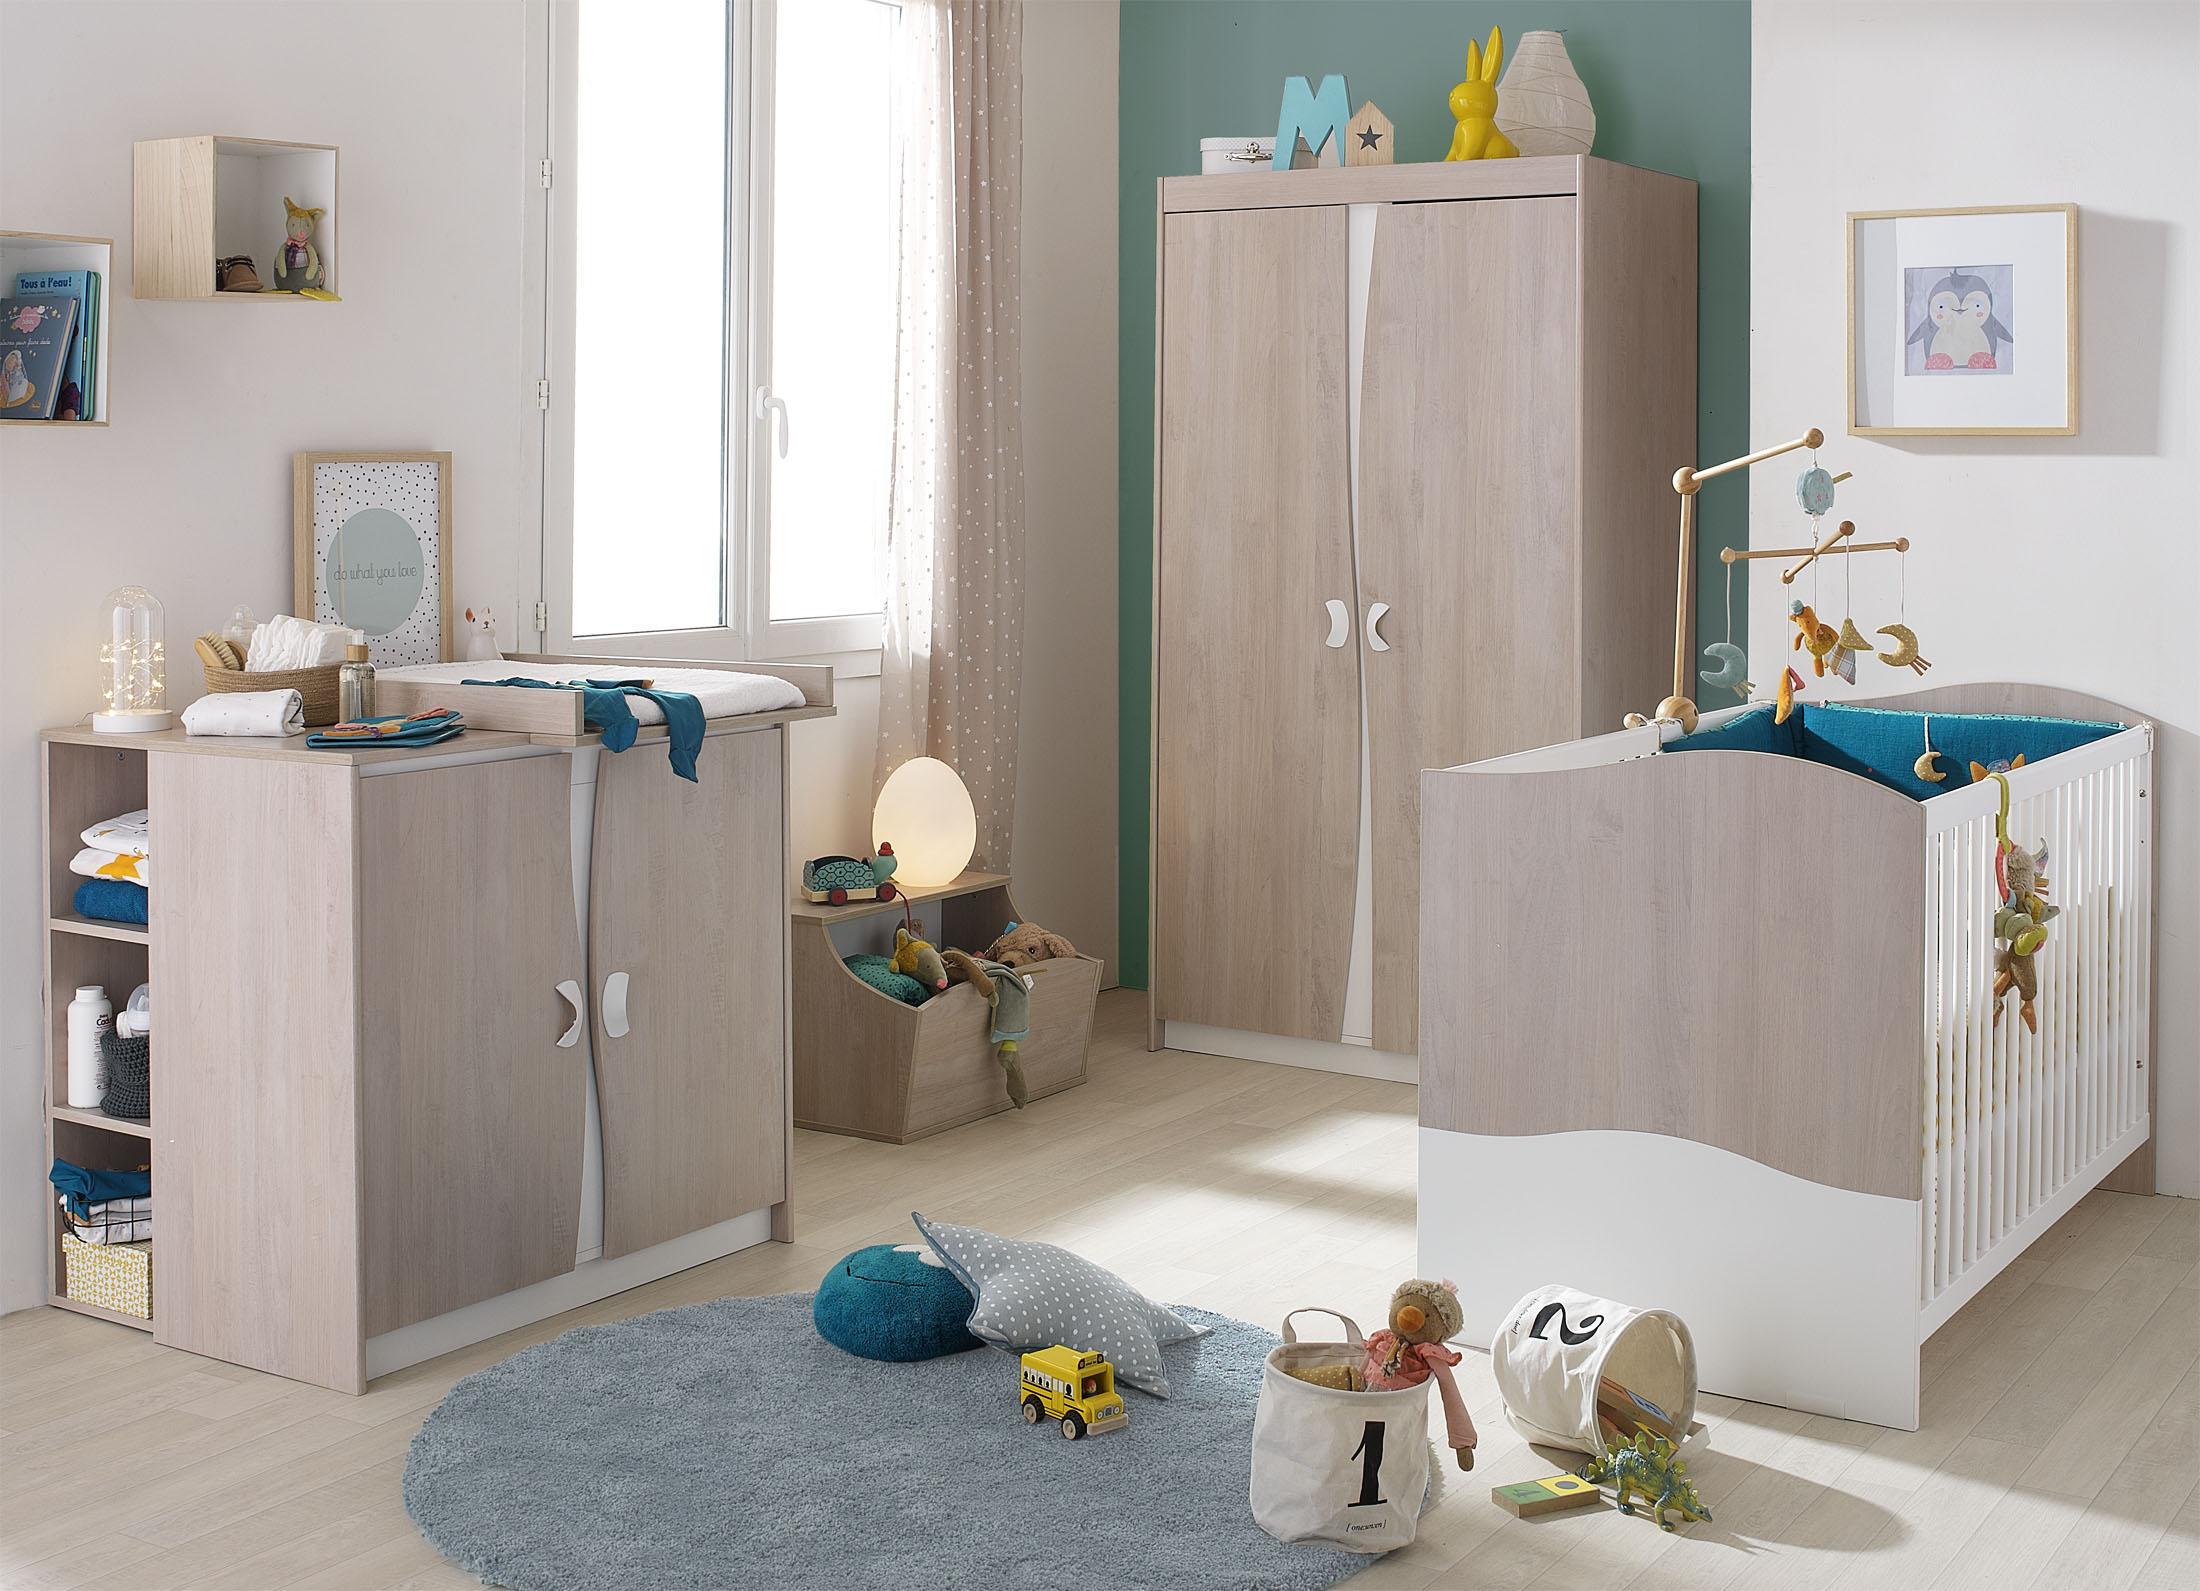 Ambiance en studio d'une chambre de bébé, lit commode et armoire.